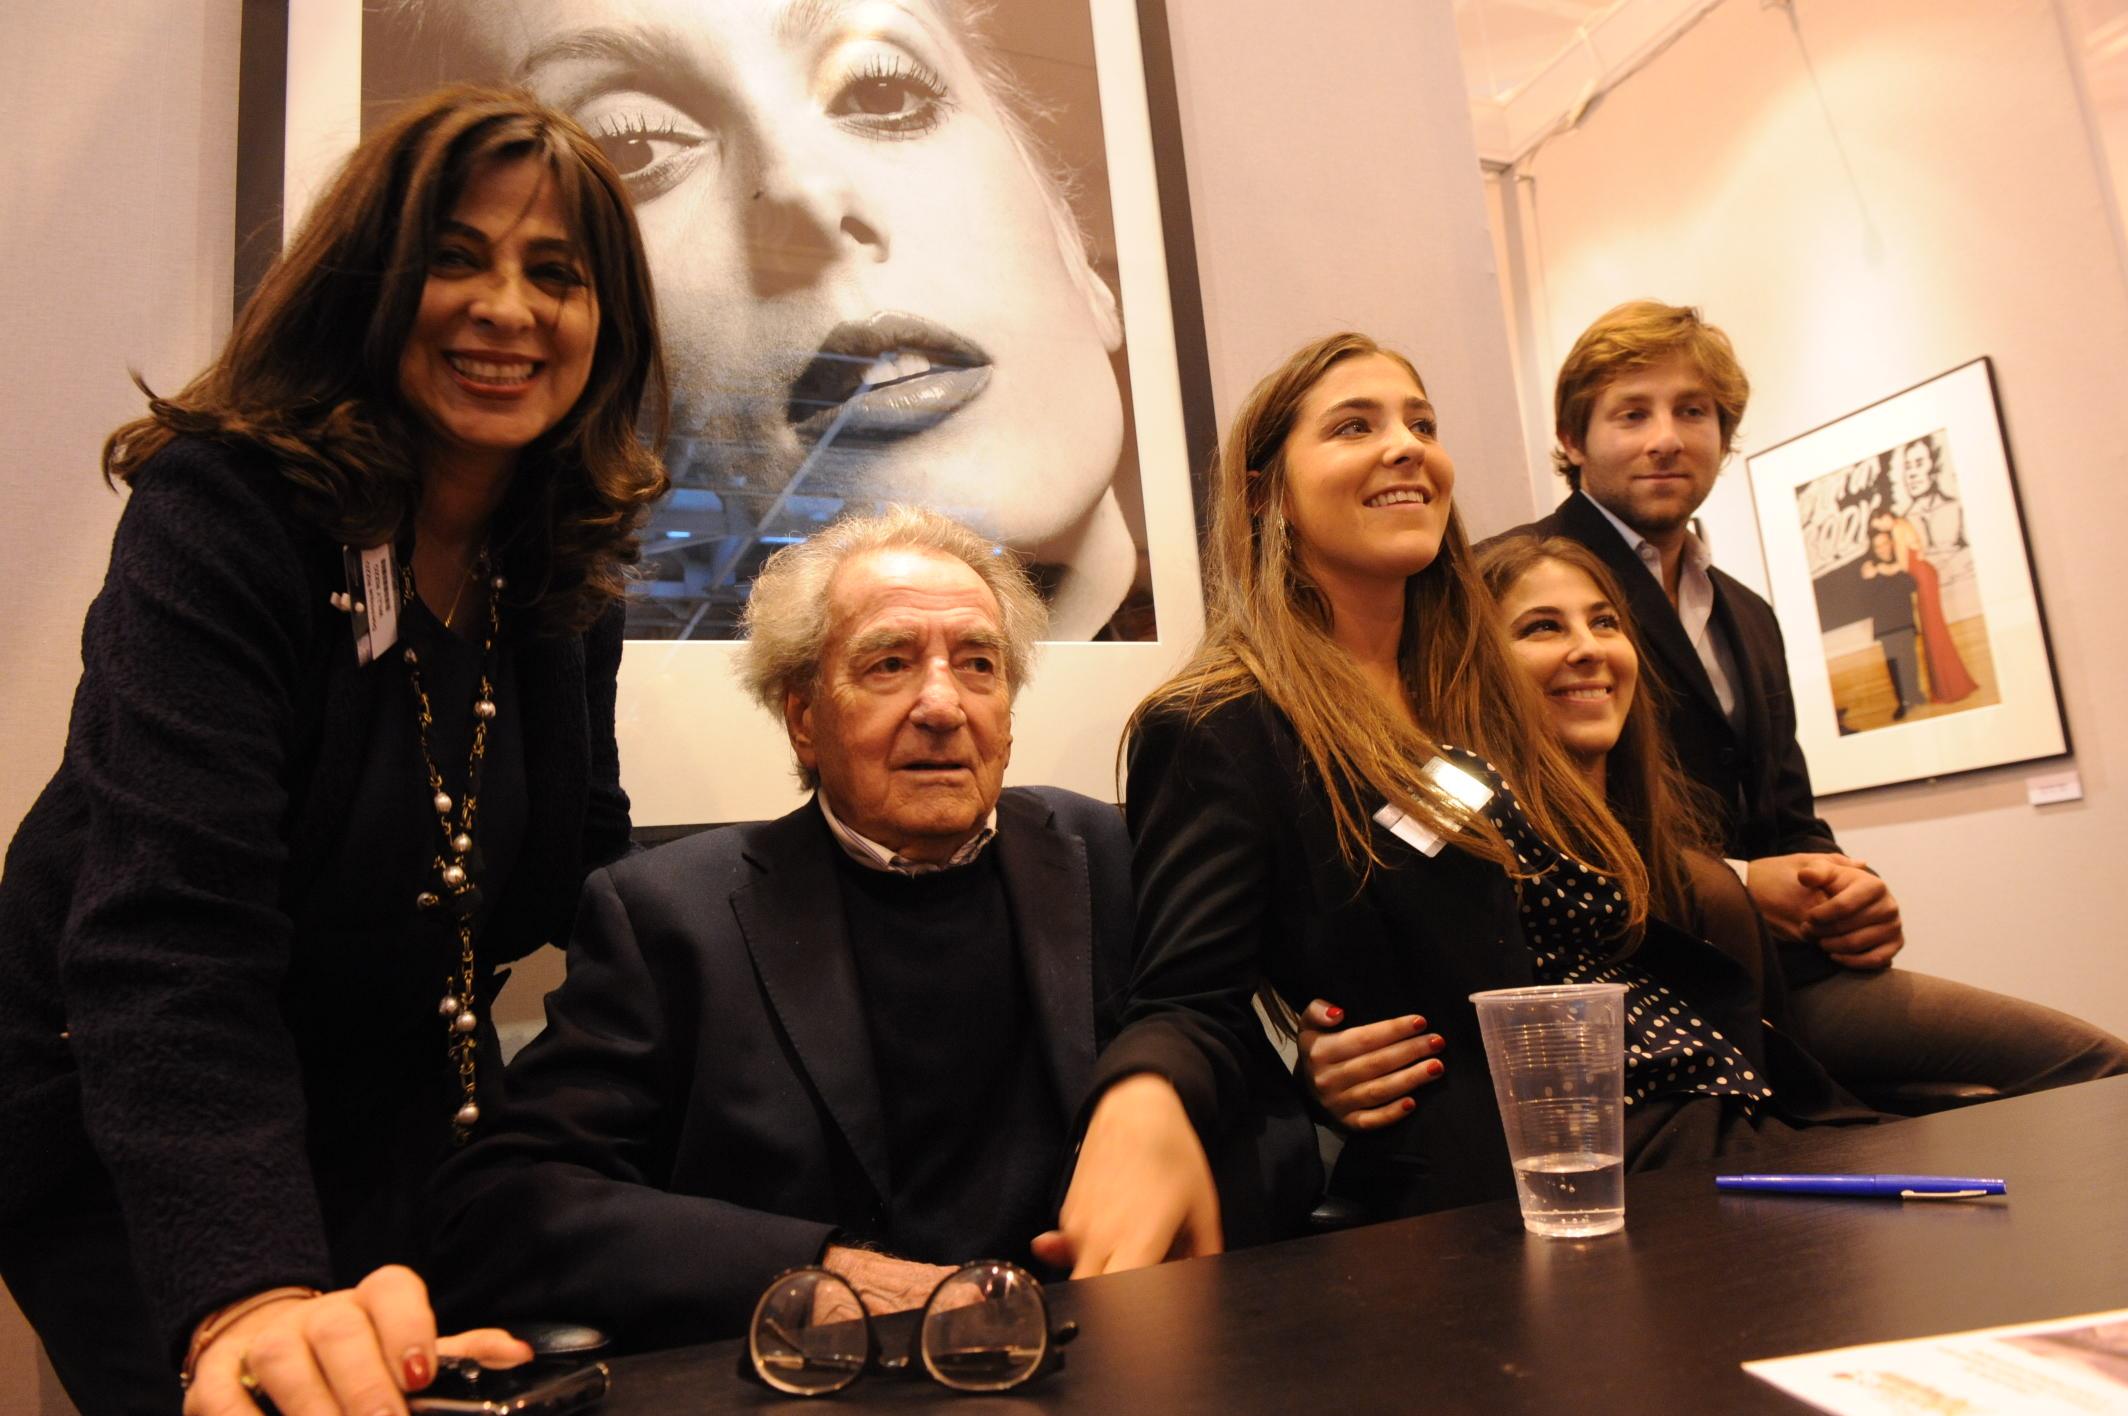 Avec ses enfants au Salon de la Photo à Paris en 2010 (c) Michel Baret / Gamma-Rapho